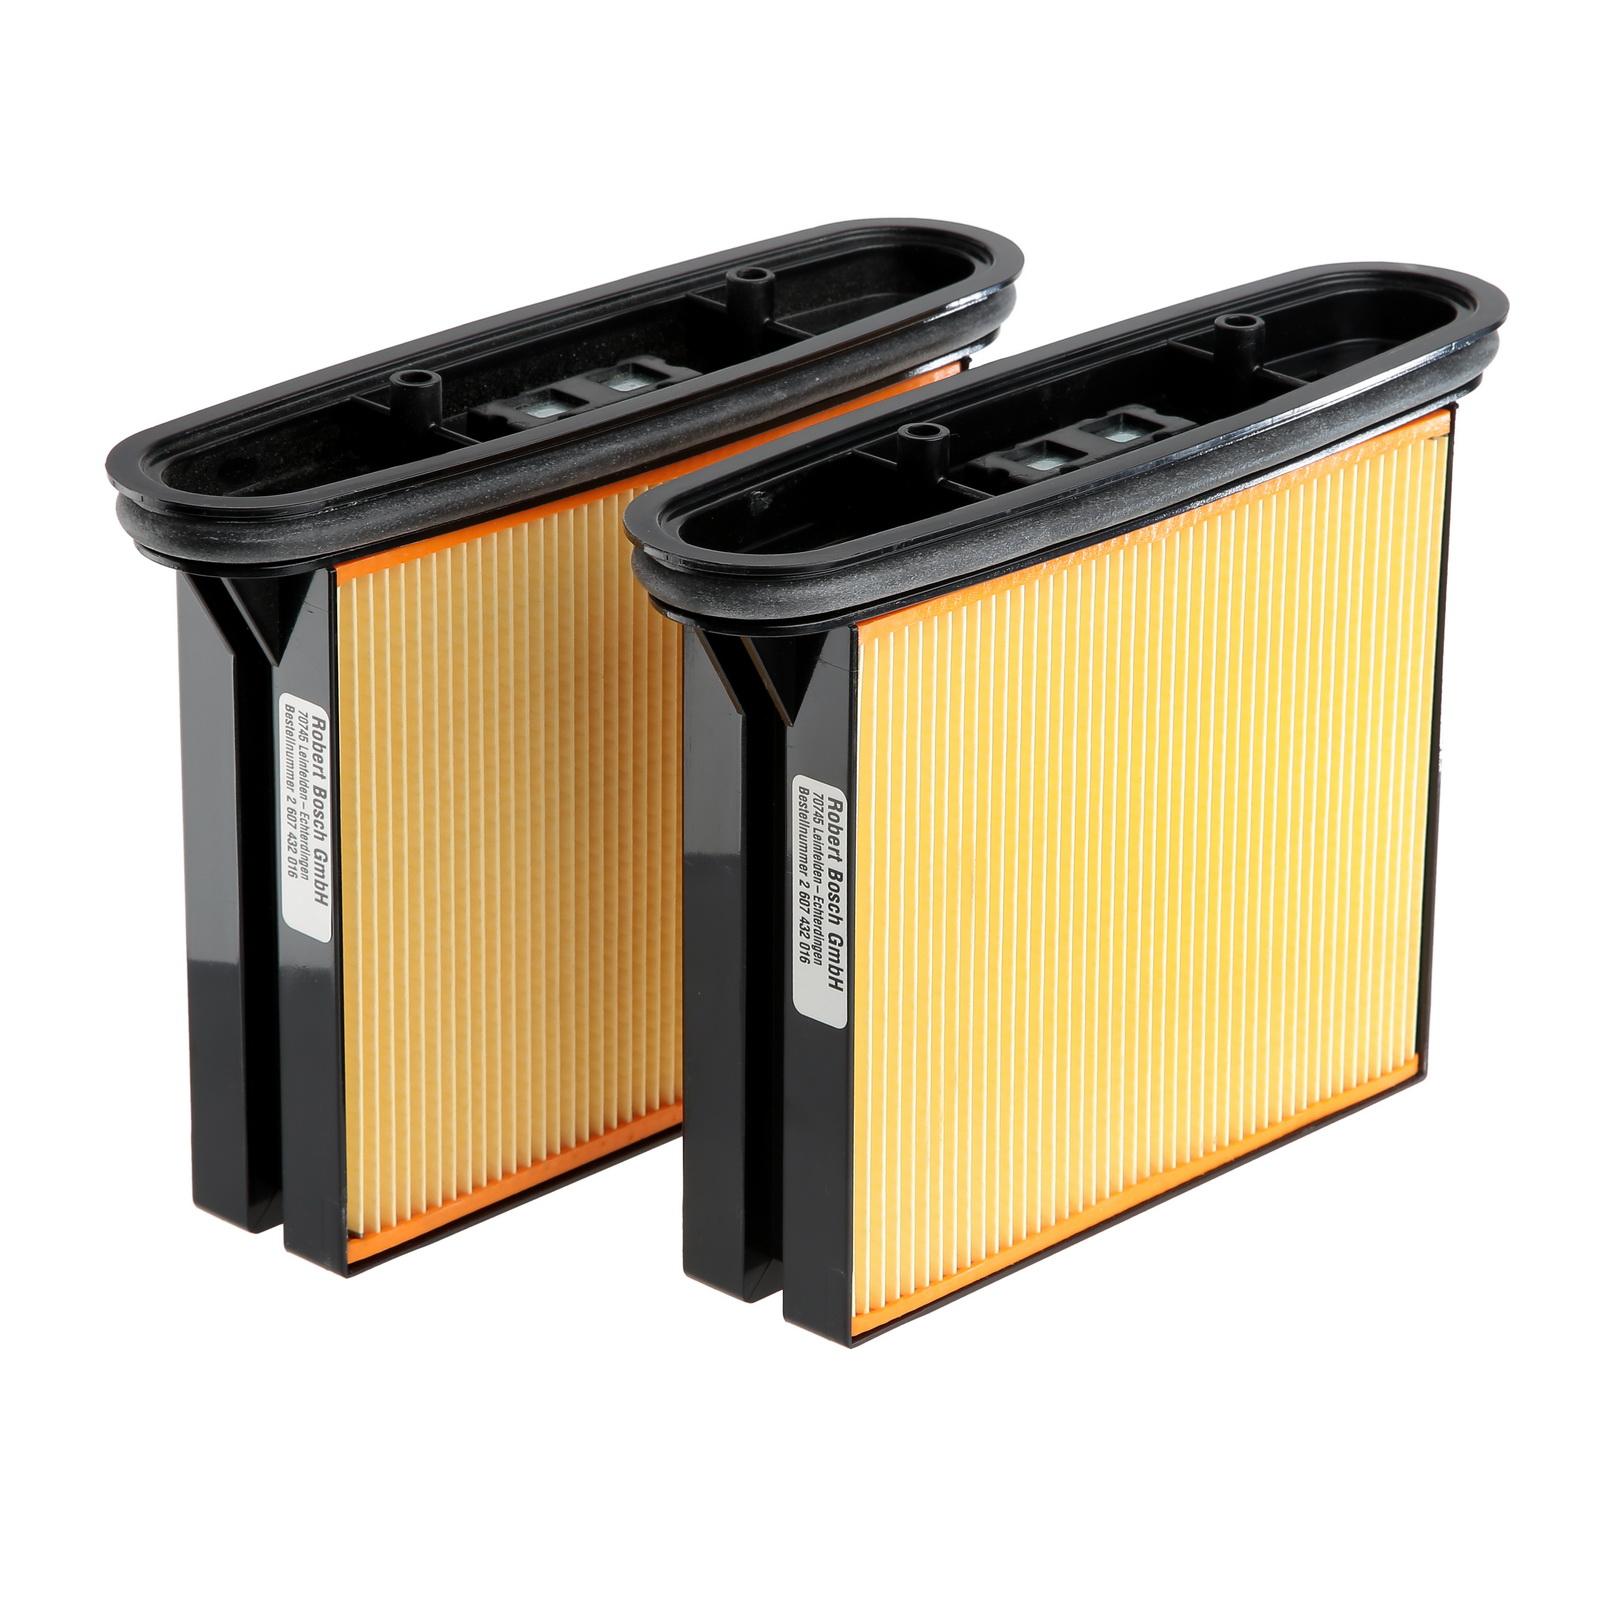 Фильтр Bosch для пылесоса gas 50, складчатый (2.607.432.016) фильтр для пылесоса bosch bbz10tfp